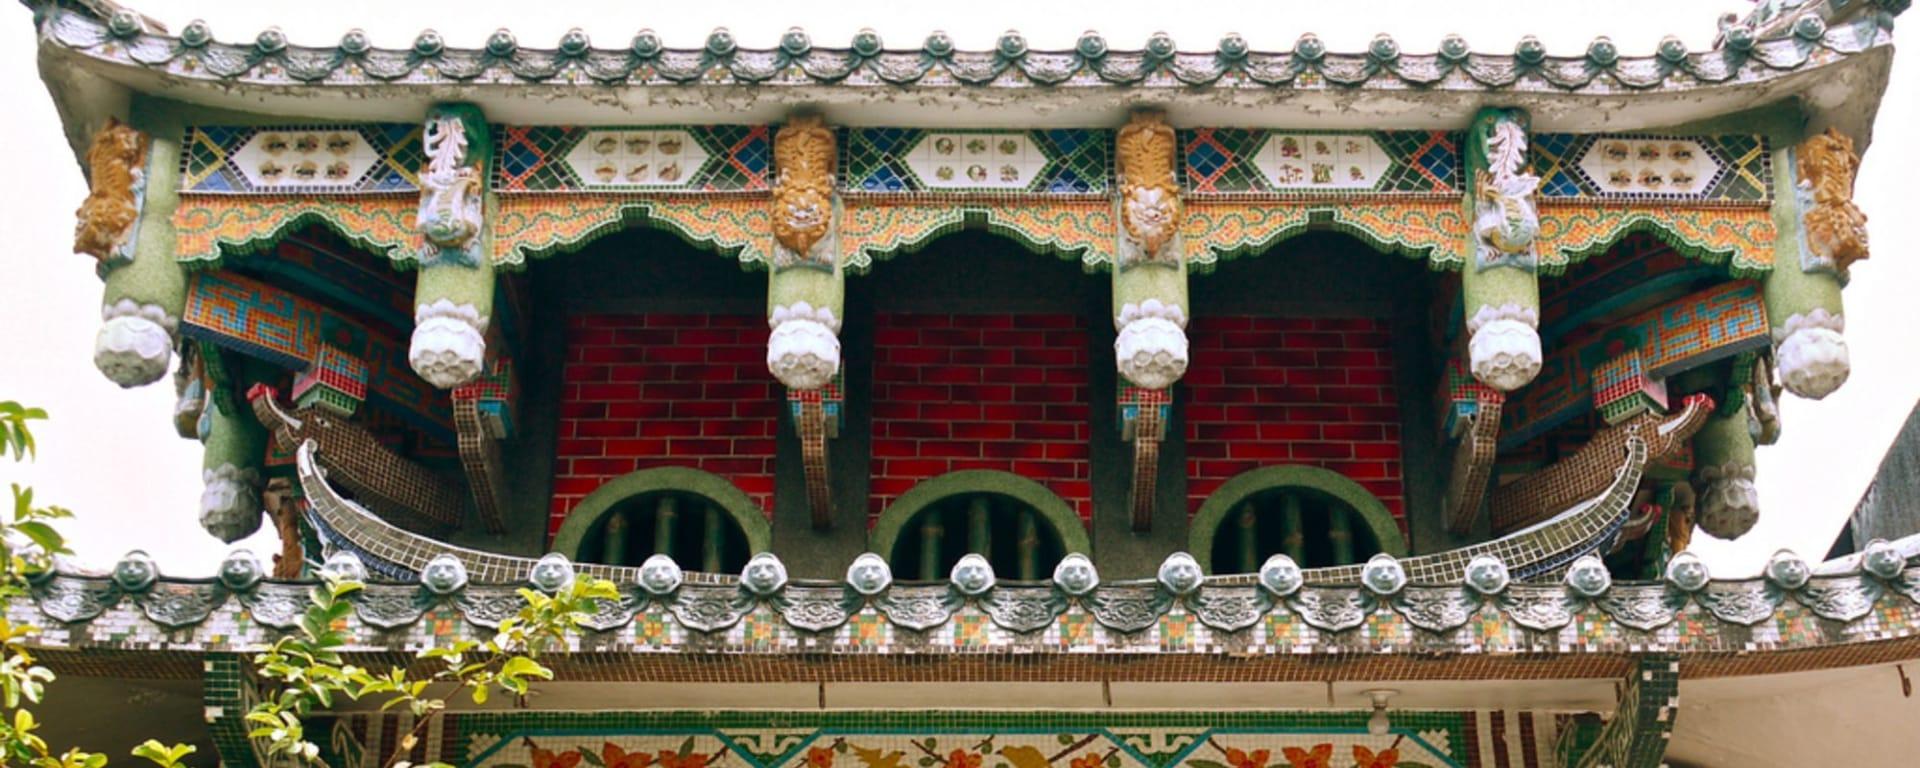 Tour de ville de Manille, demi-journée: Manila Chinese Cemetery